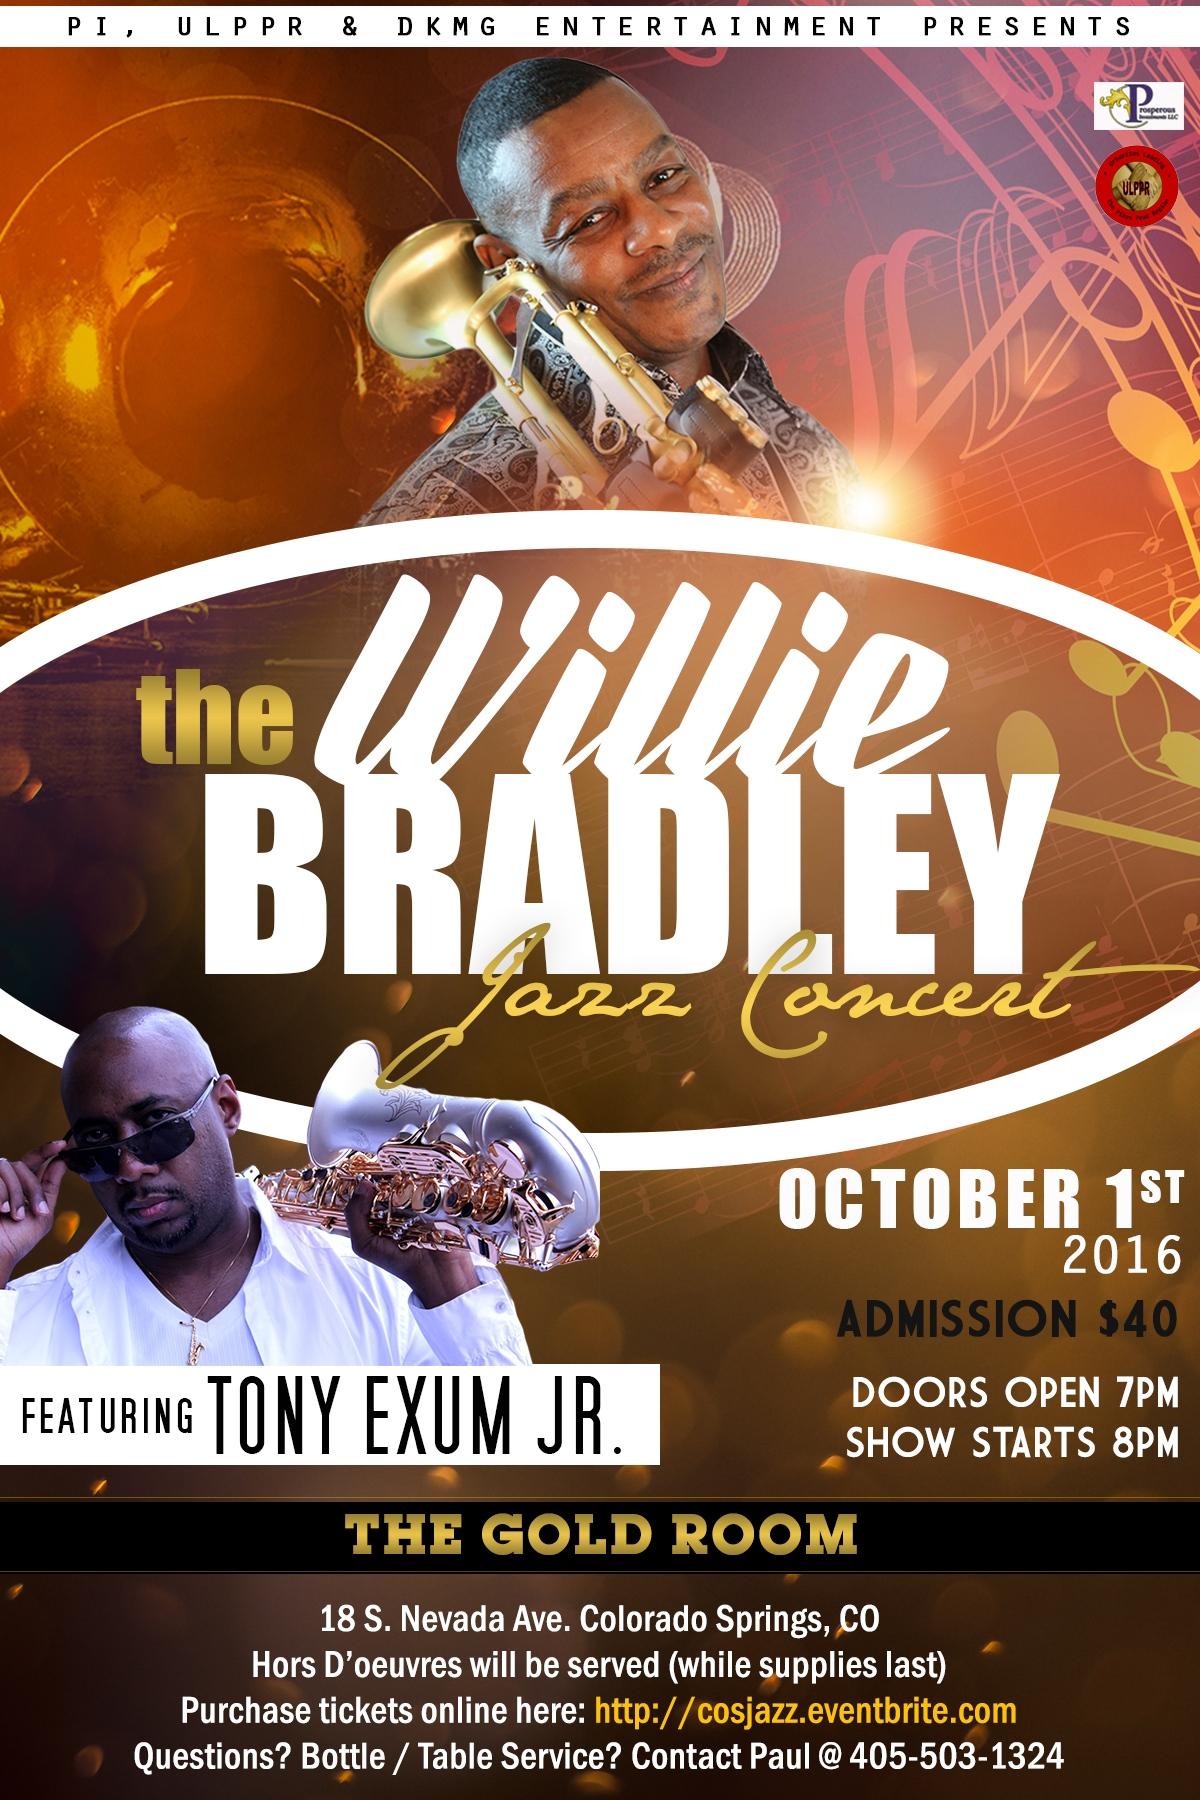 Willie Bradley Jazz Concert